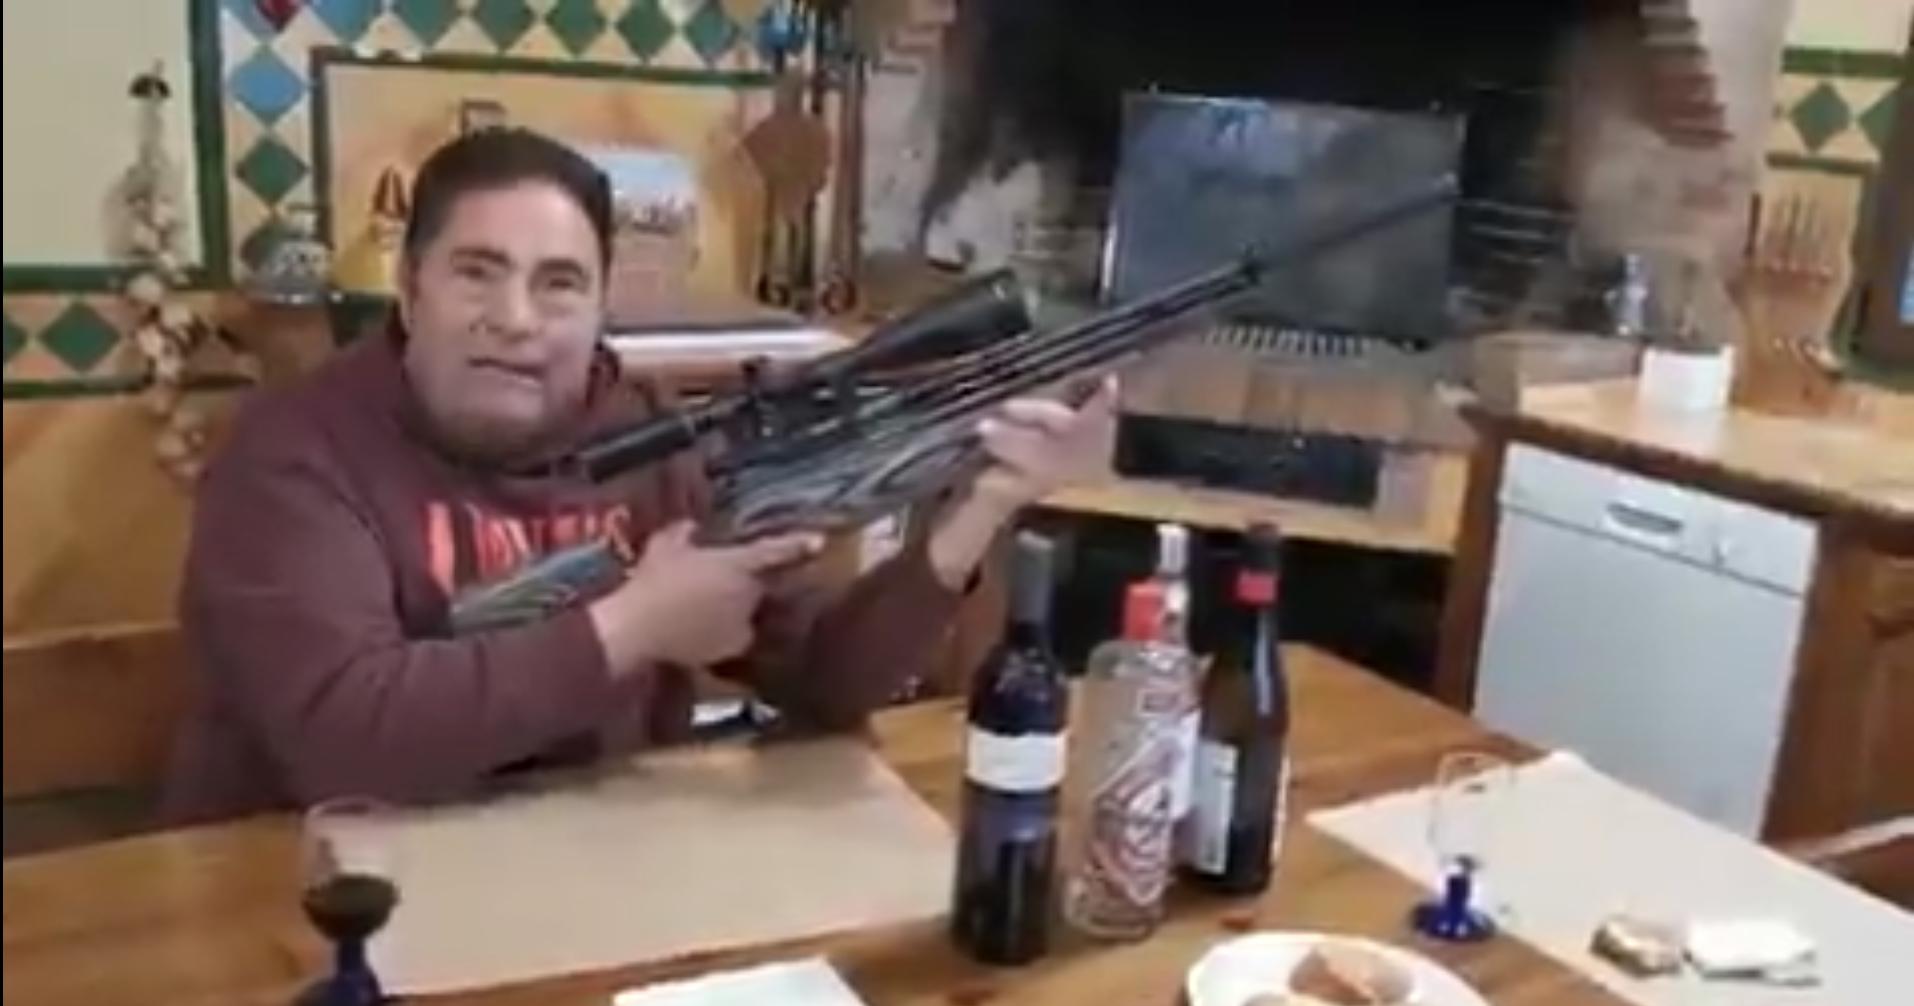 Els Mossos denuncien penalment un home de l'Alt Camp per amenaçar independentistes amb un rifle a través de Twitter